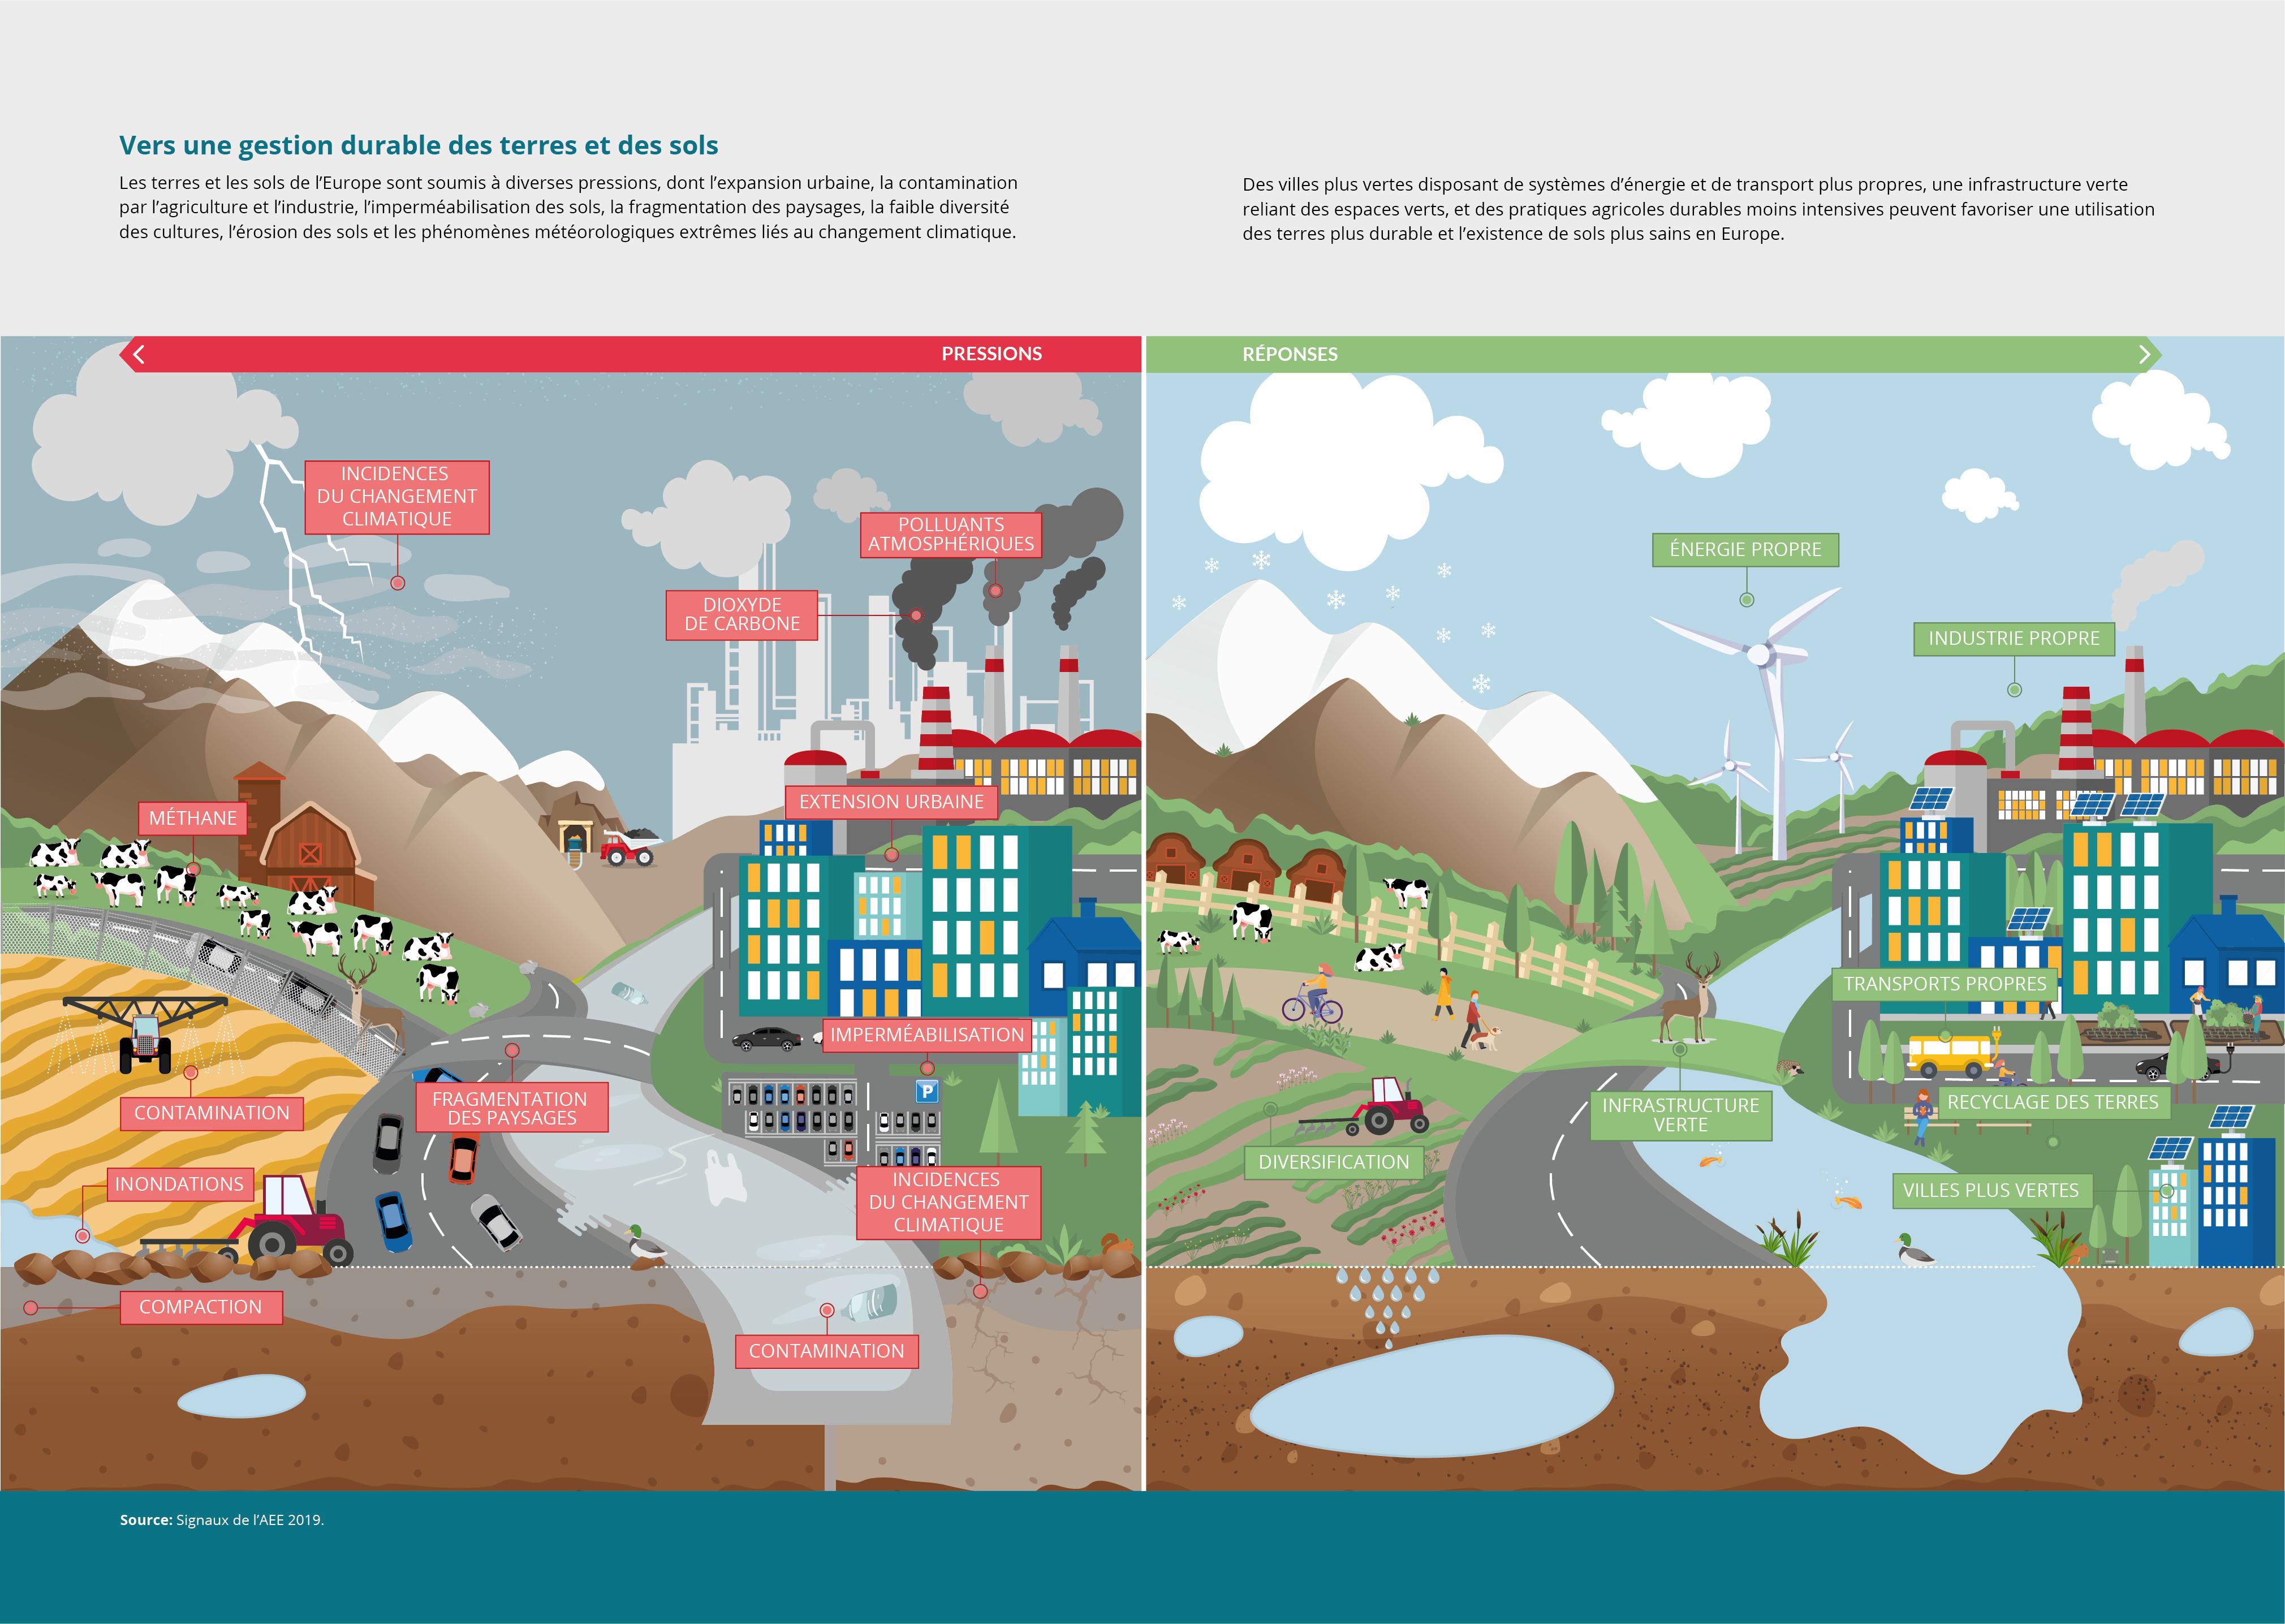 Vers une gestion durable des terres et des sols